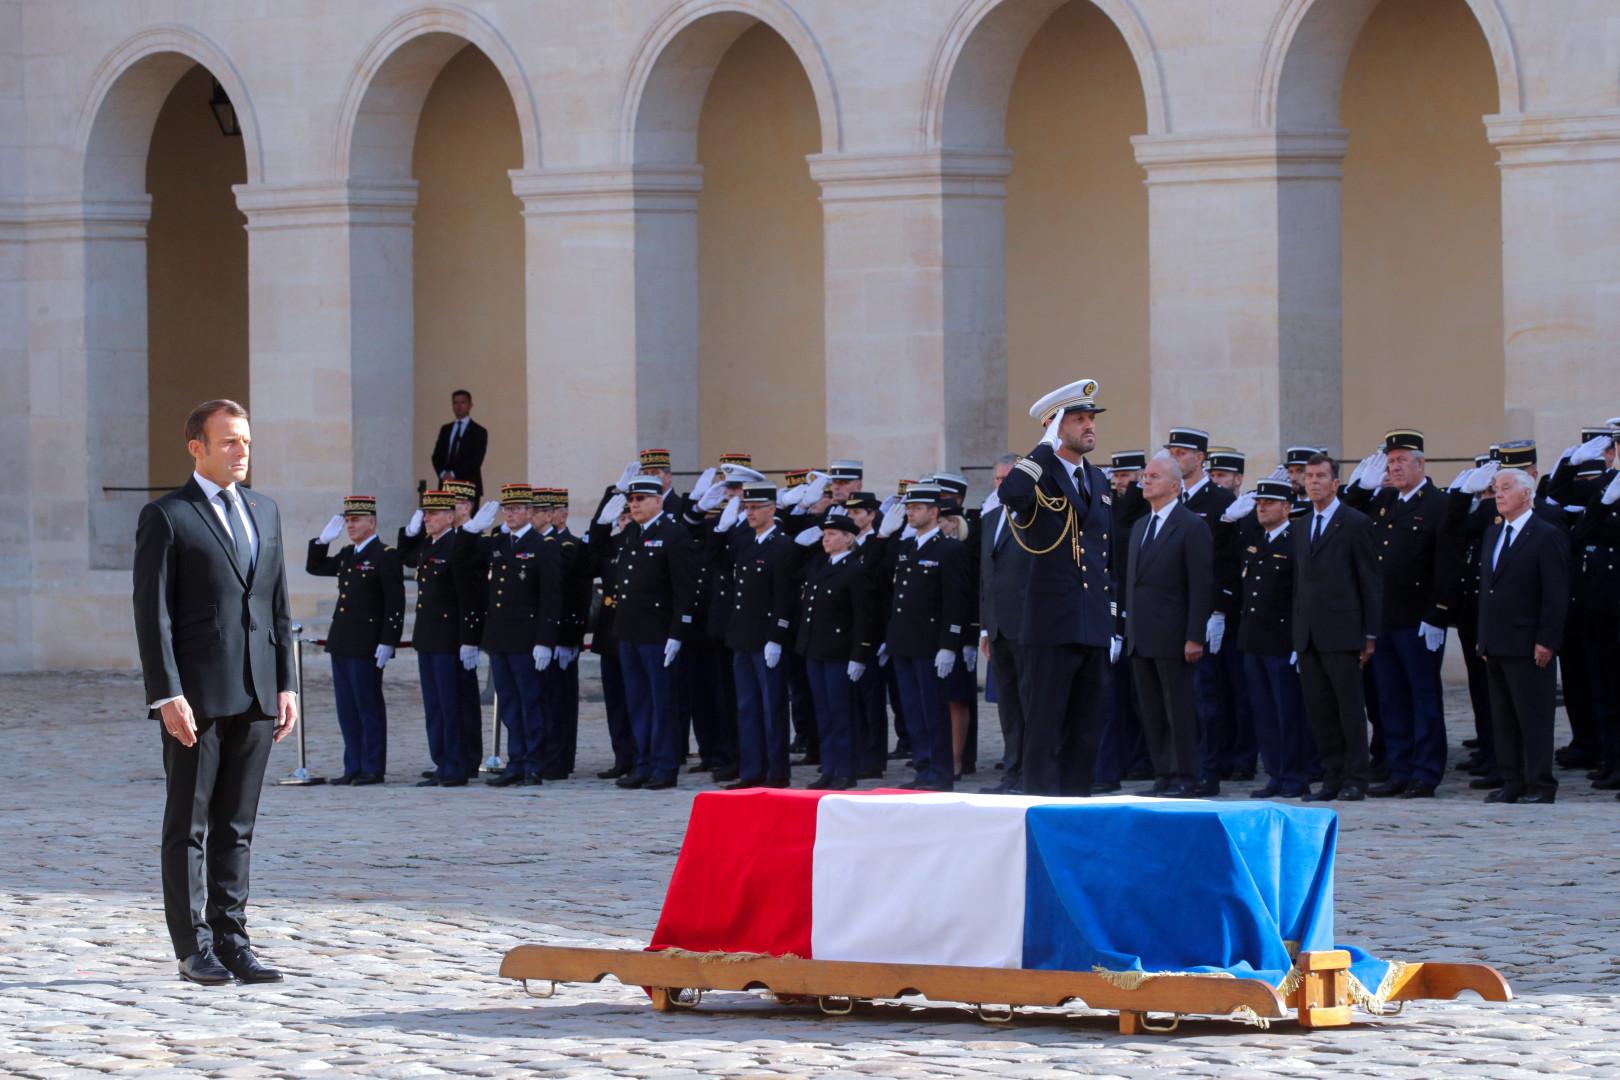 Emmanuel Macron, debout devant le cercueil de Jacques Chirac dans la cour des Invalides, le 30 septembre 2019